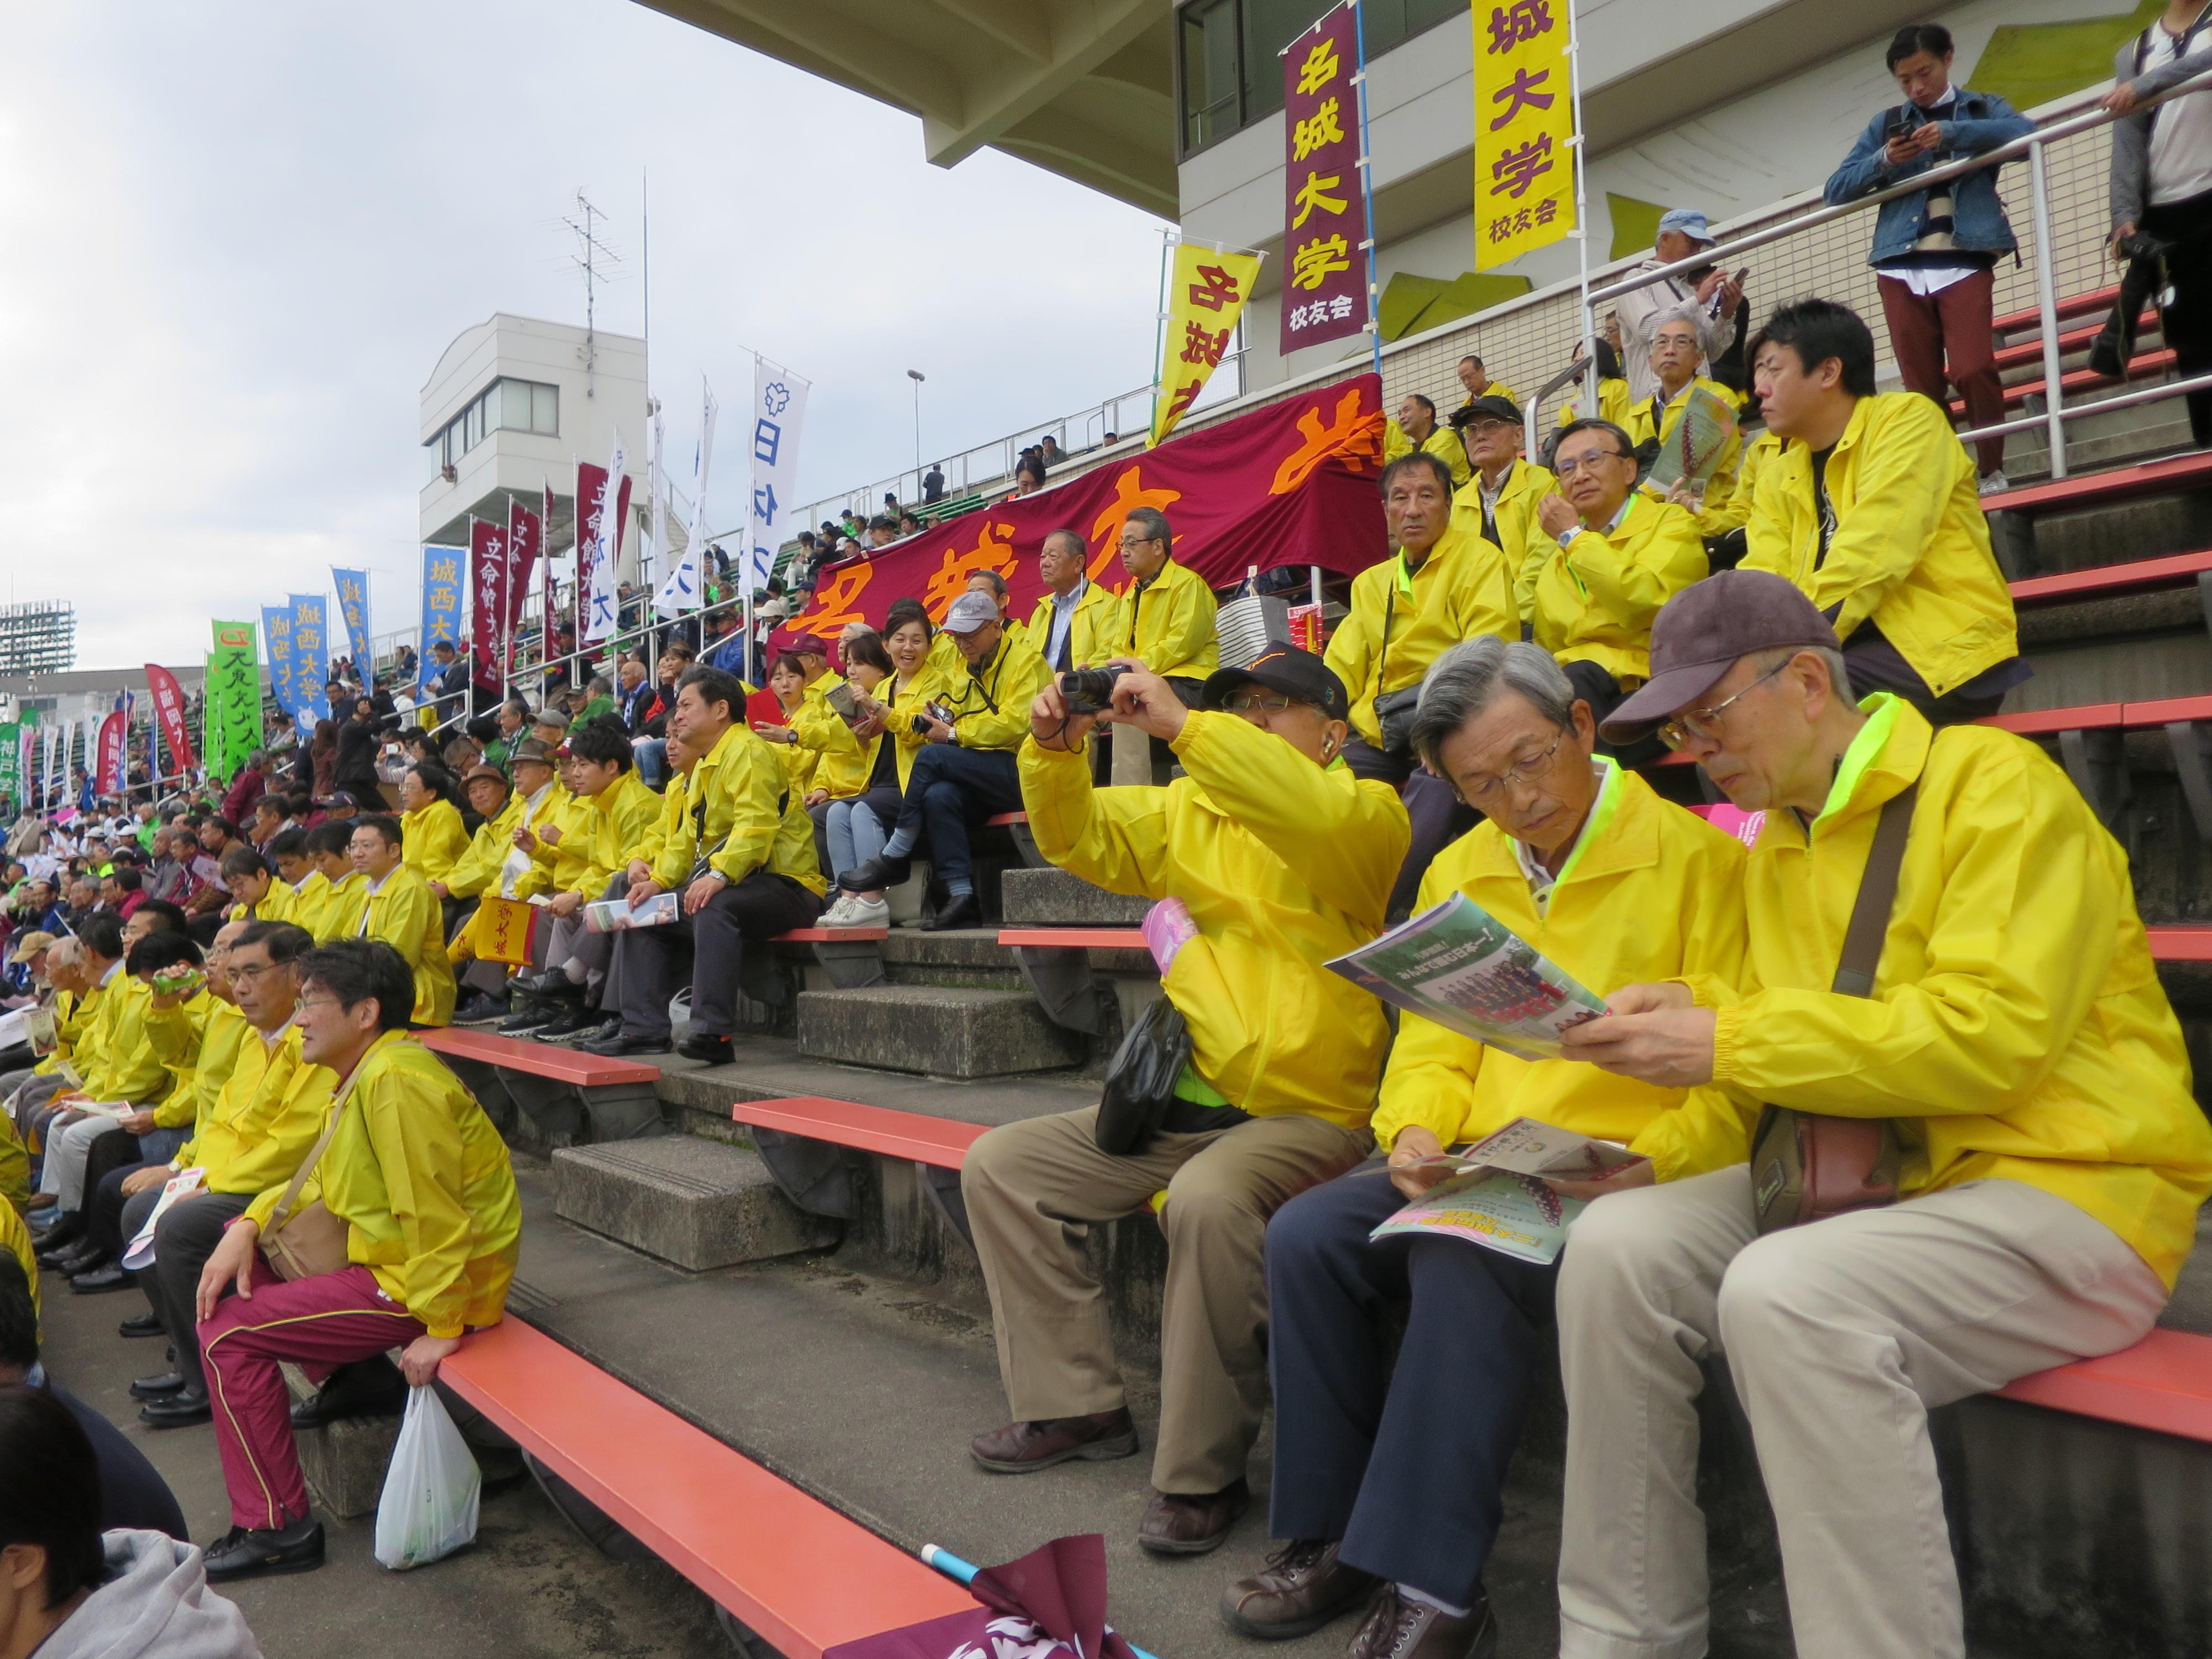 そろいの黄色いジャンパー姿でスタートを待つ名城大学関係者